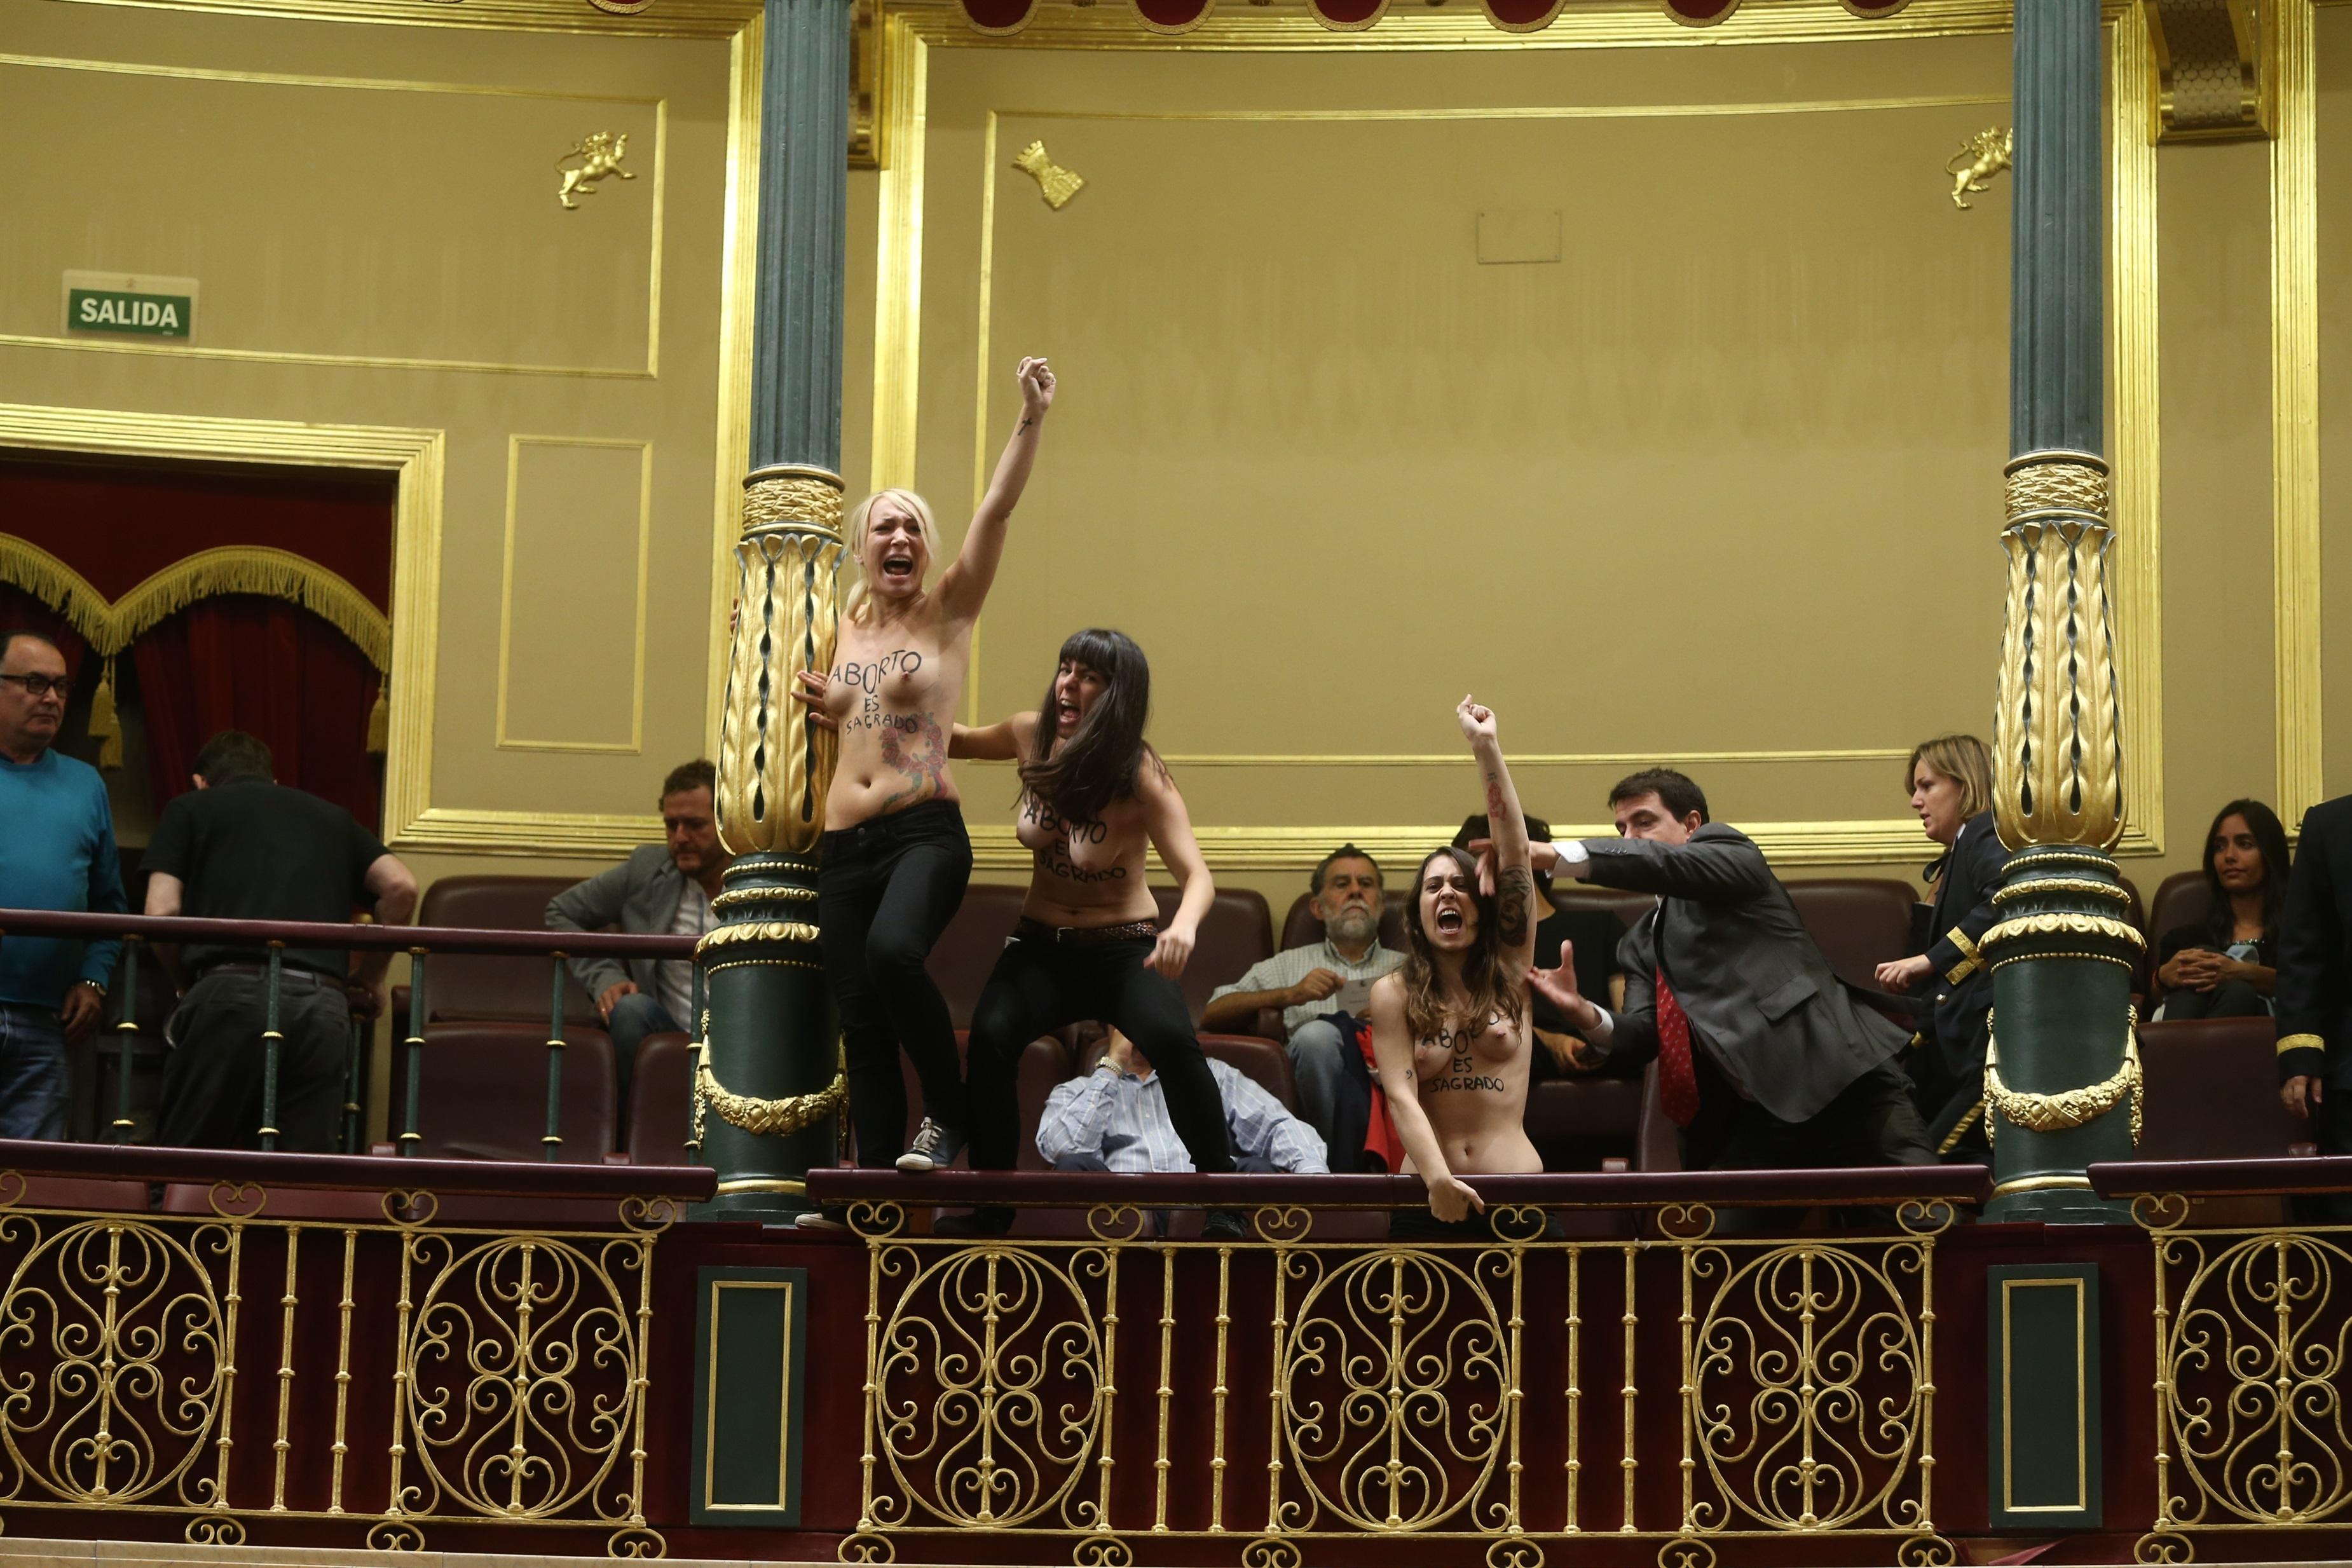 El PSOE protesta a Posada porque una de sus invitadas al Congreso fue desnudada en un cacheo